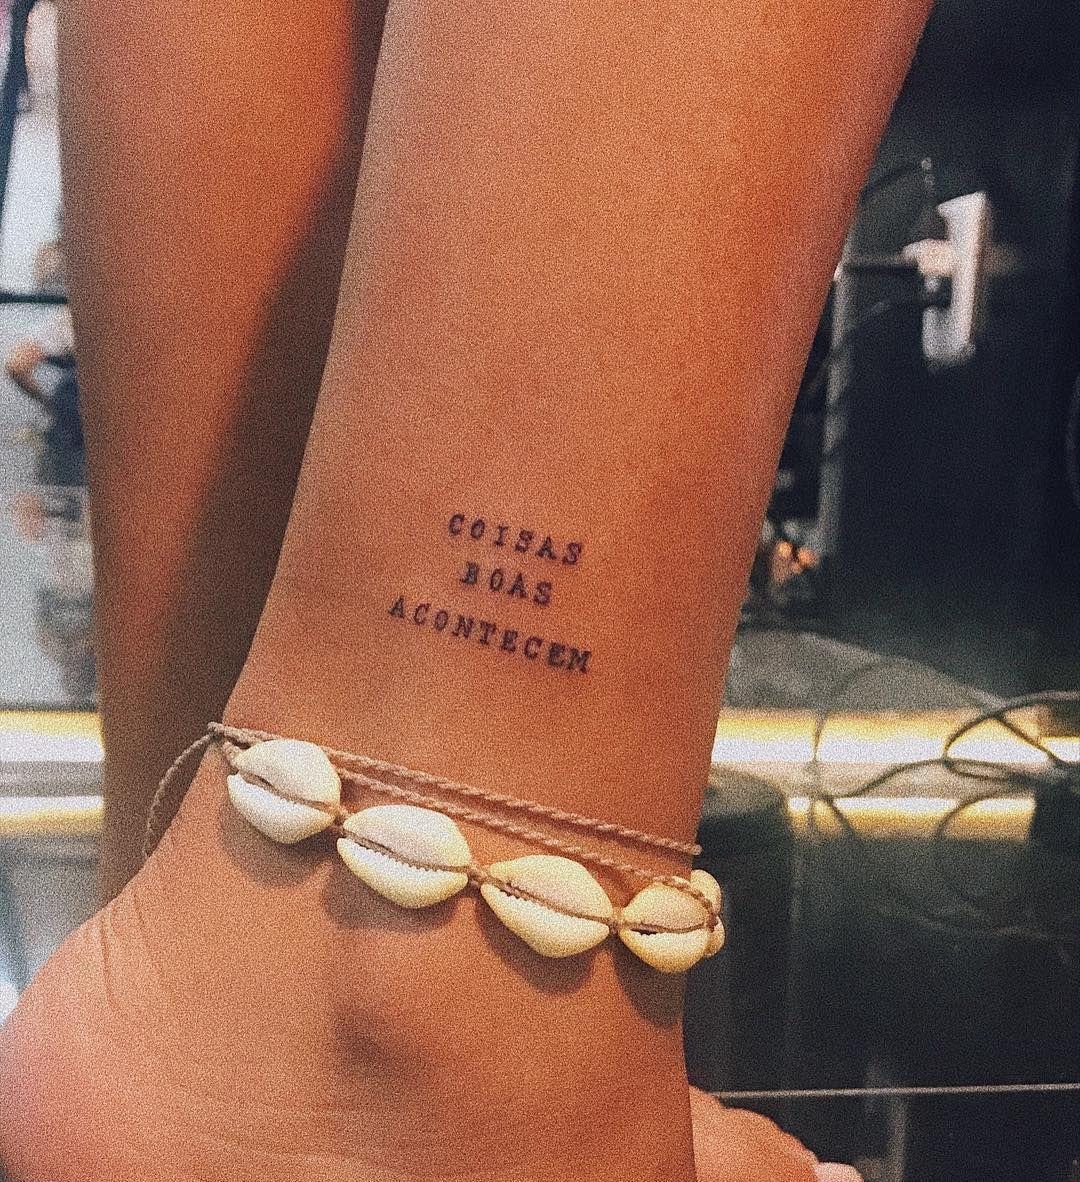 Acredite Com Imagens Tatuagen Delicada Tatuagem Pequenina